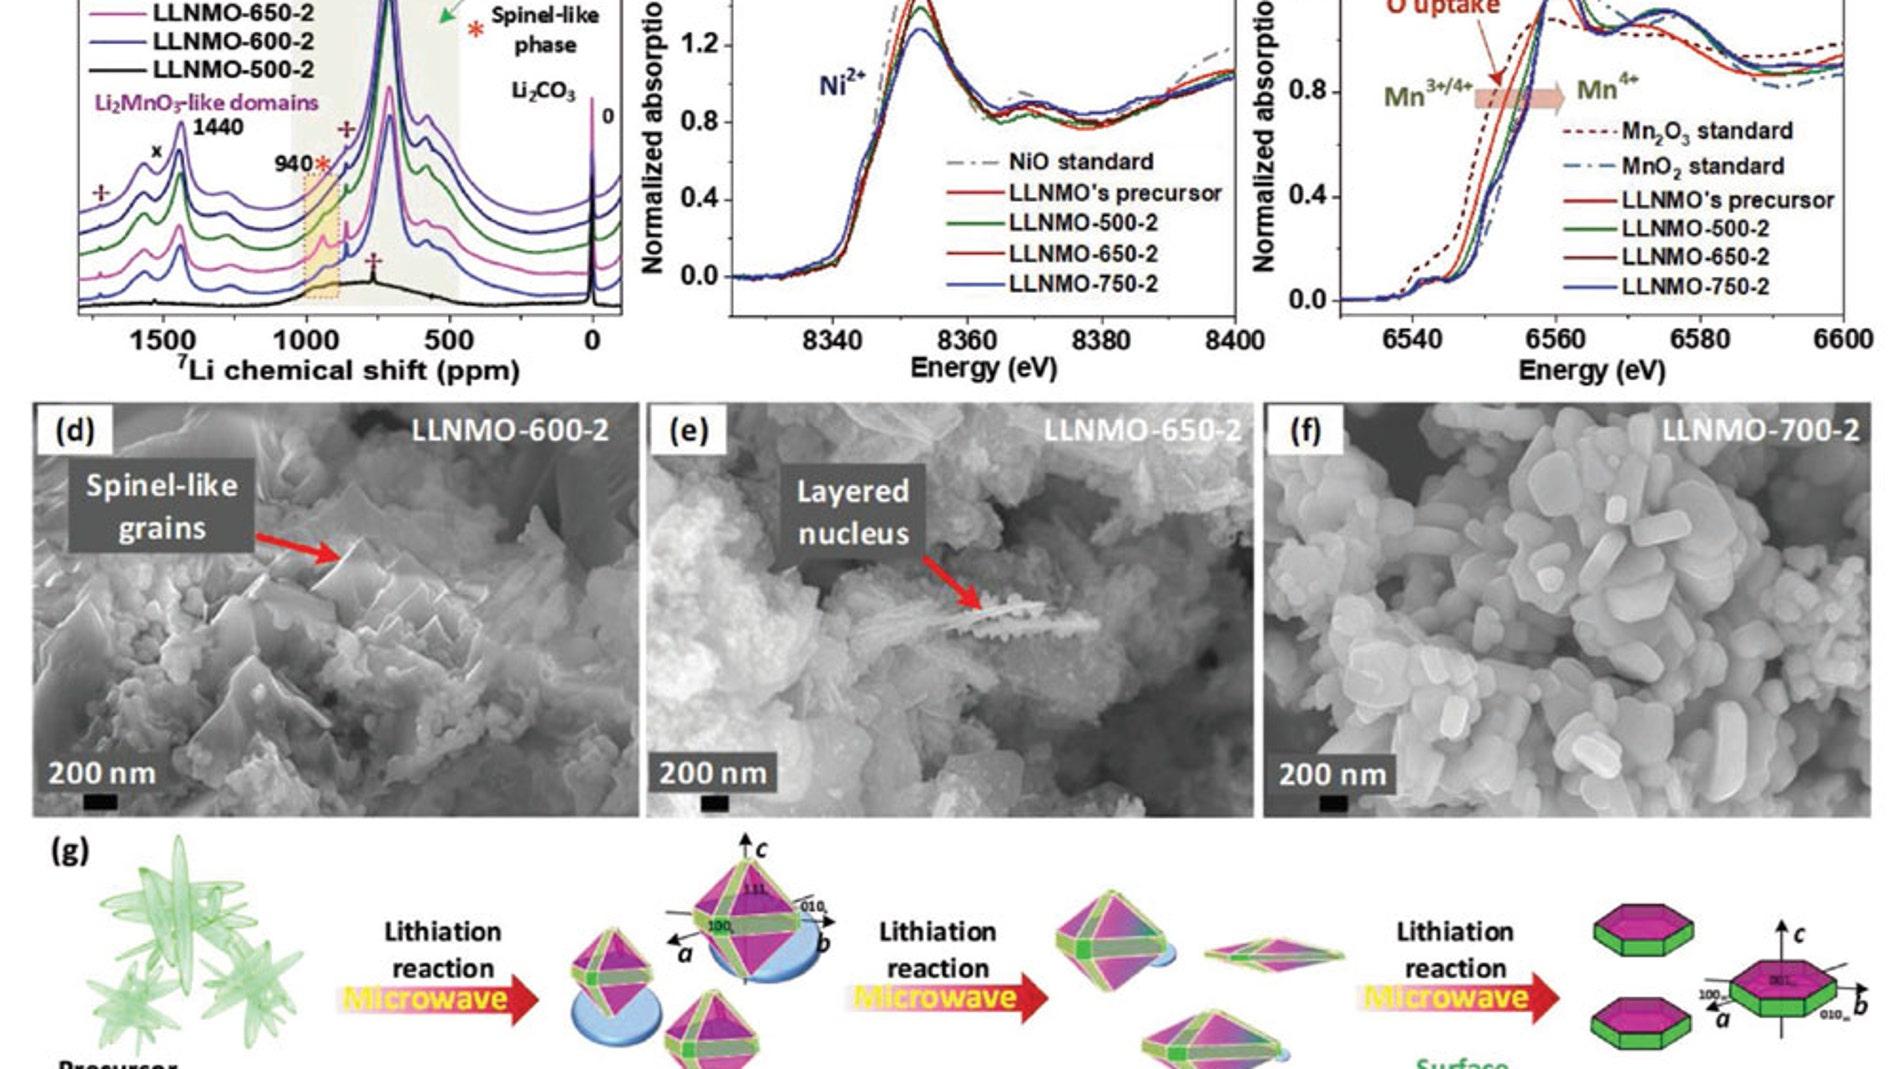 Como mejorar la sintesis de materiales para las baterias de ion litio